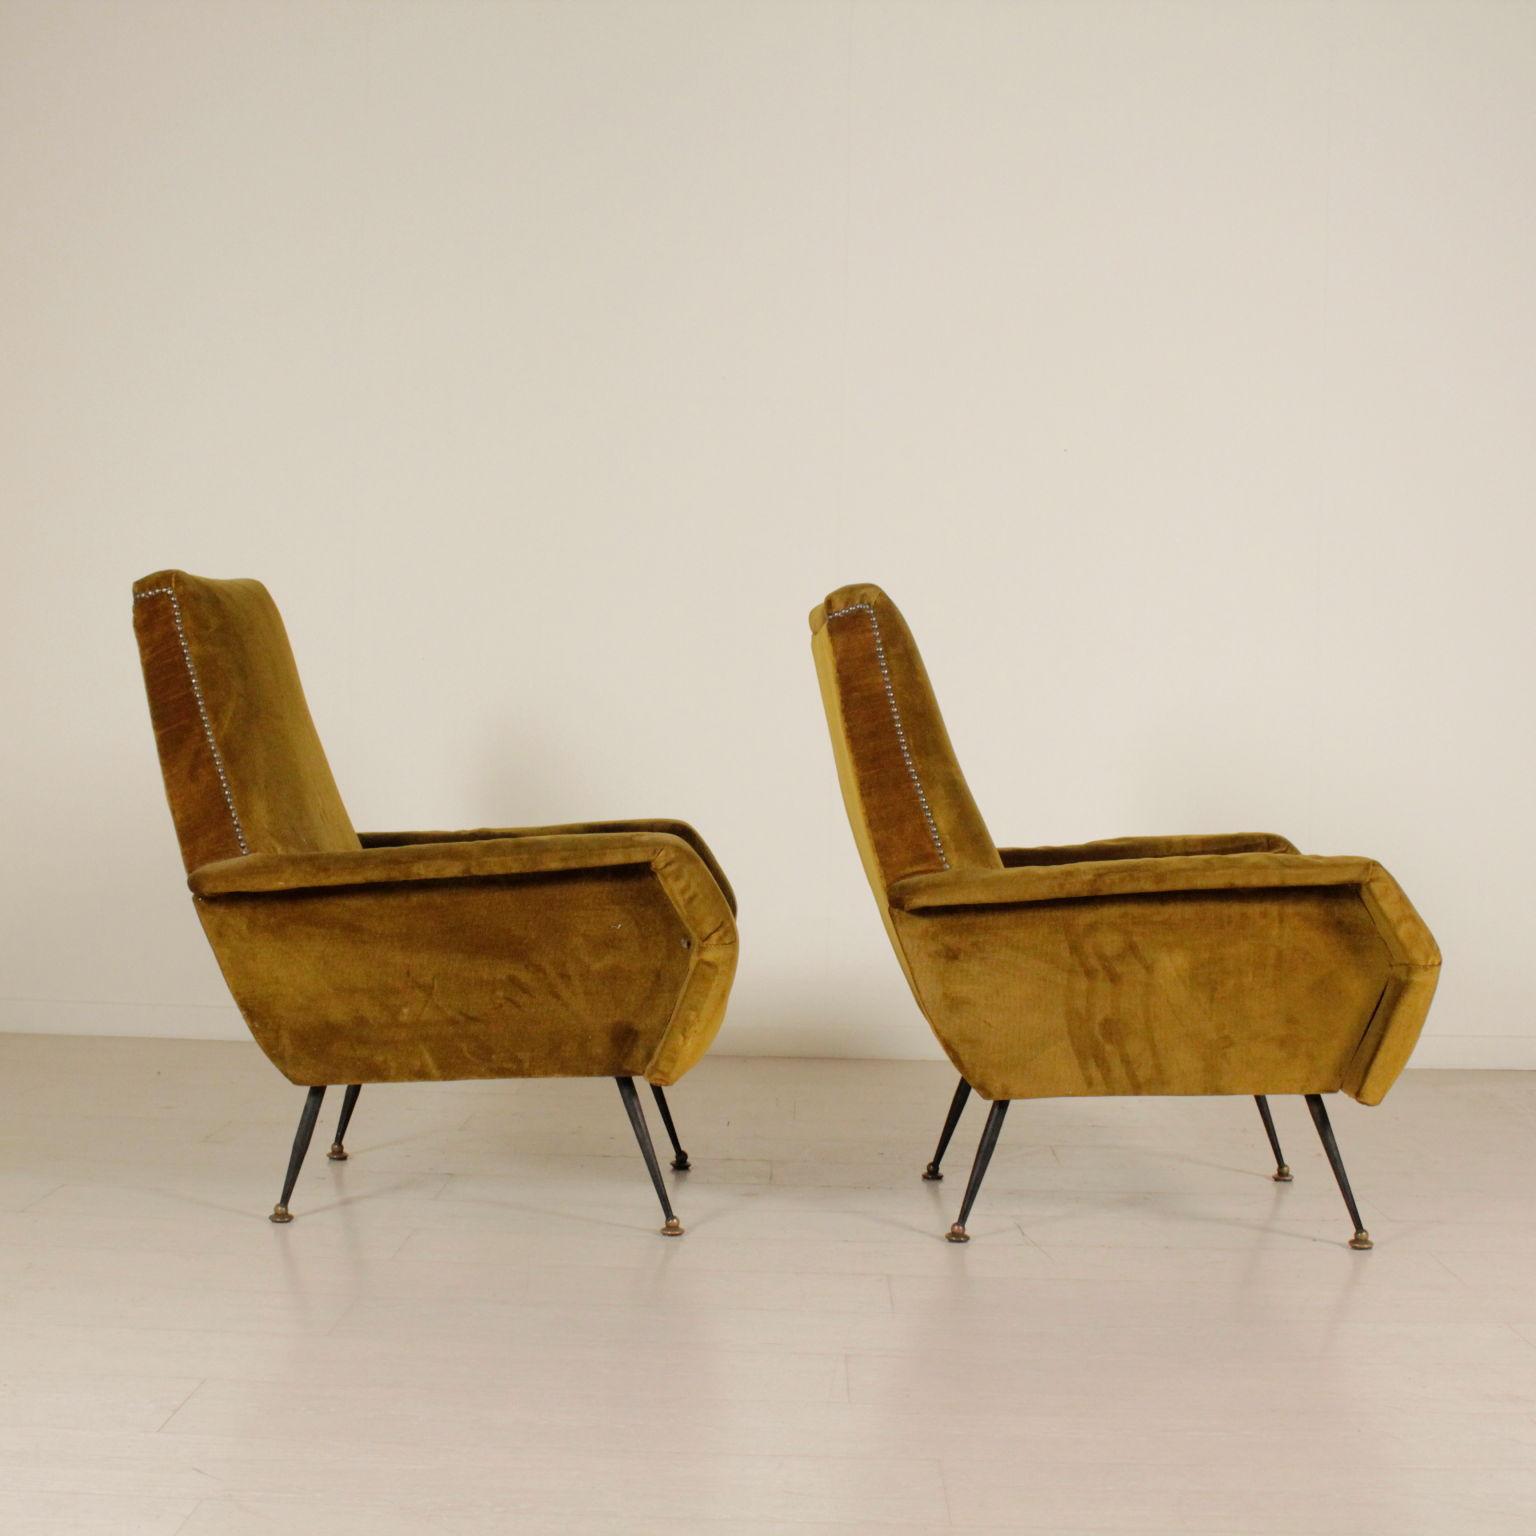 Sessel 60er jahre sessel modernes design for Sessel english